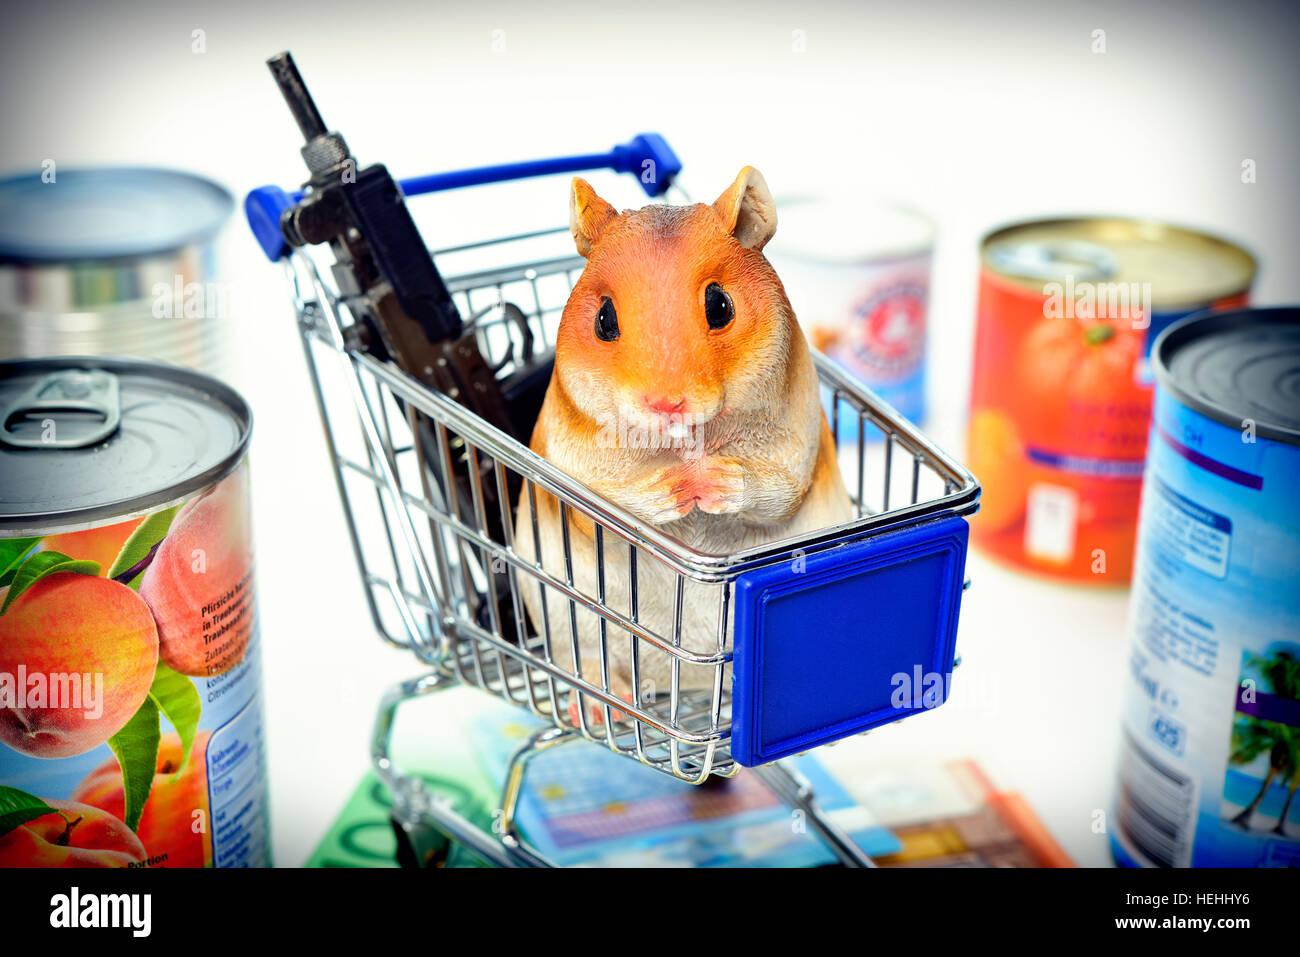 Hamsterfigur im Einkaufswagen, Symbolfoto Hamsterkaeufe Stock Photo